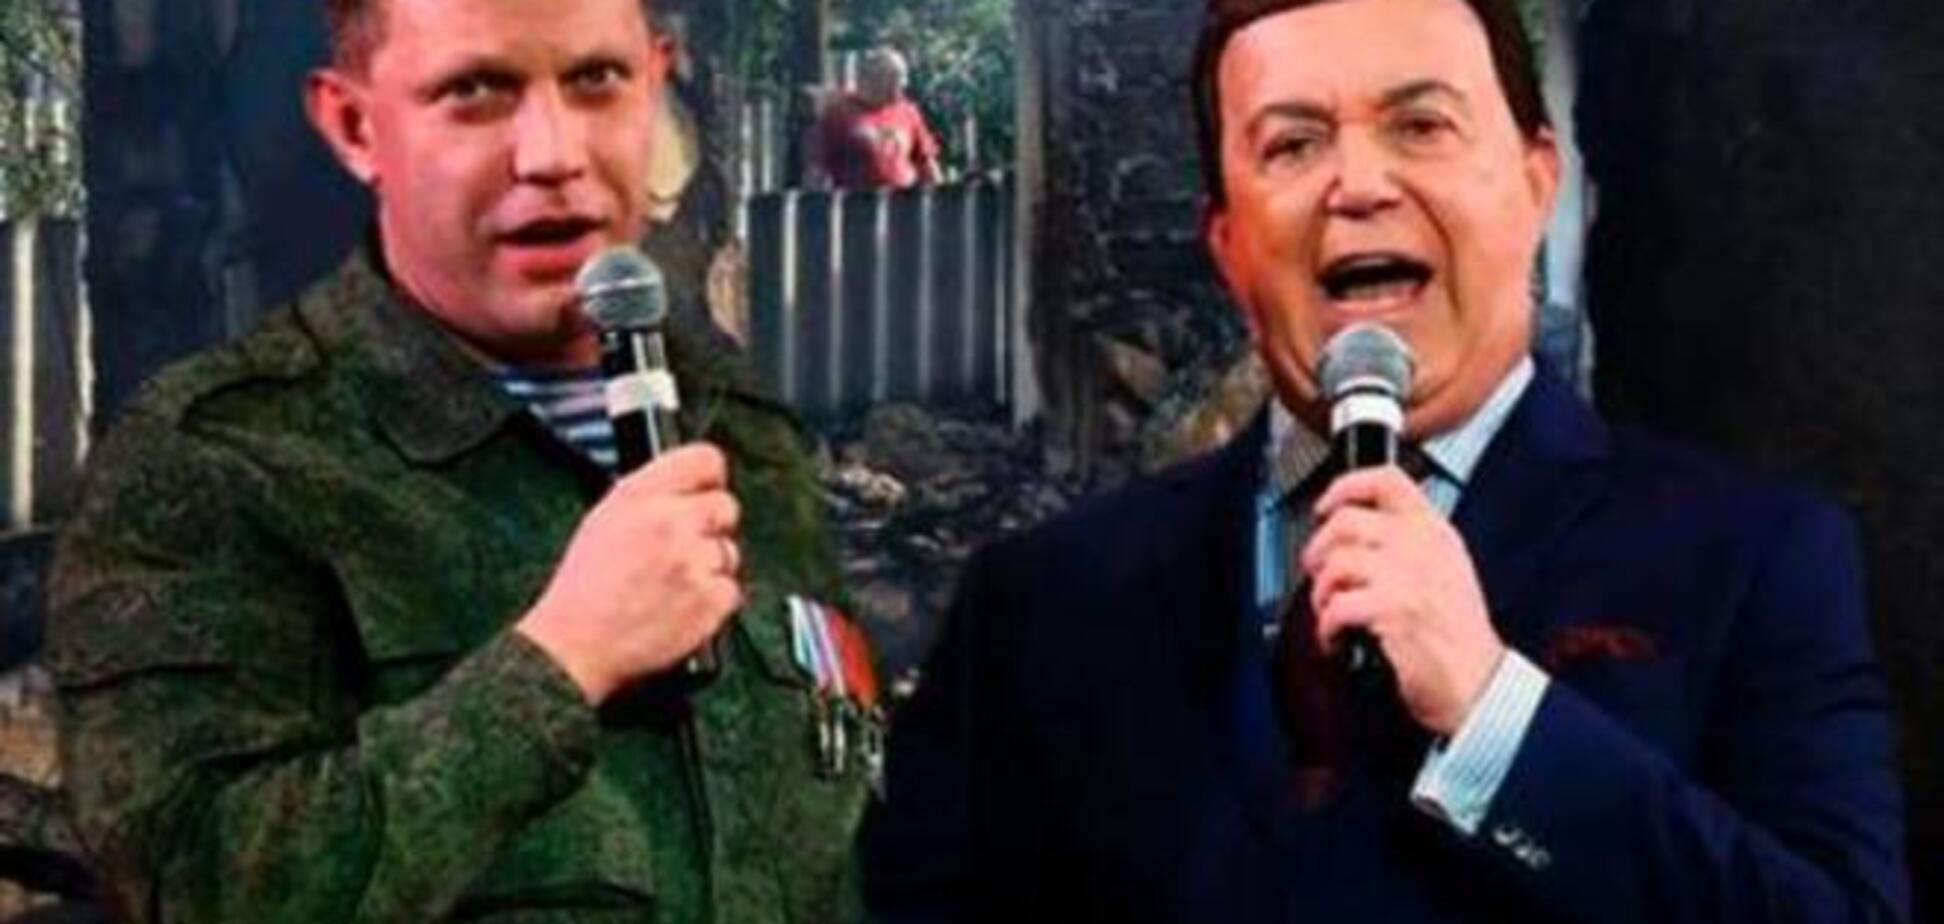 Кобзон 'нагастролировал' себе звание 'почетного консула ДНР'